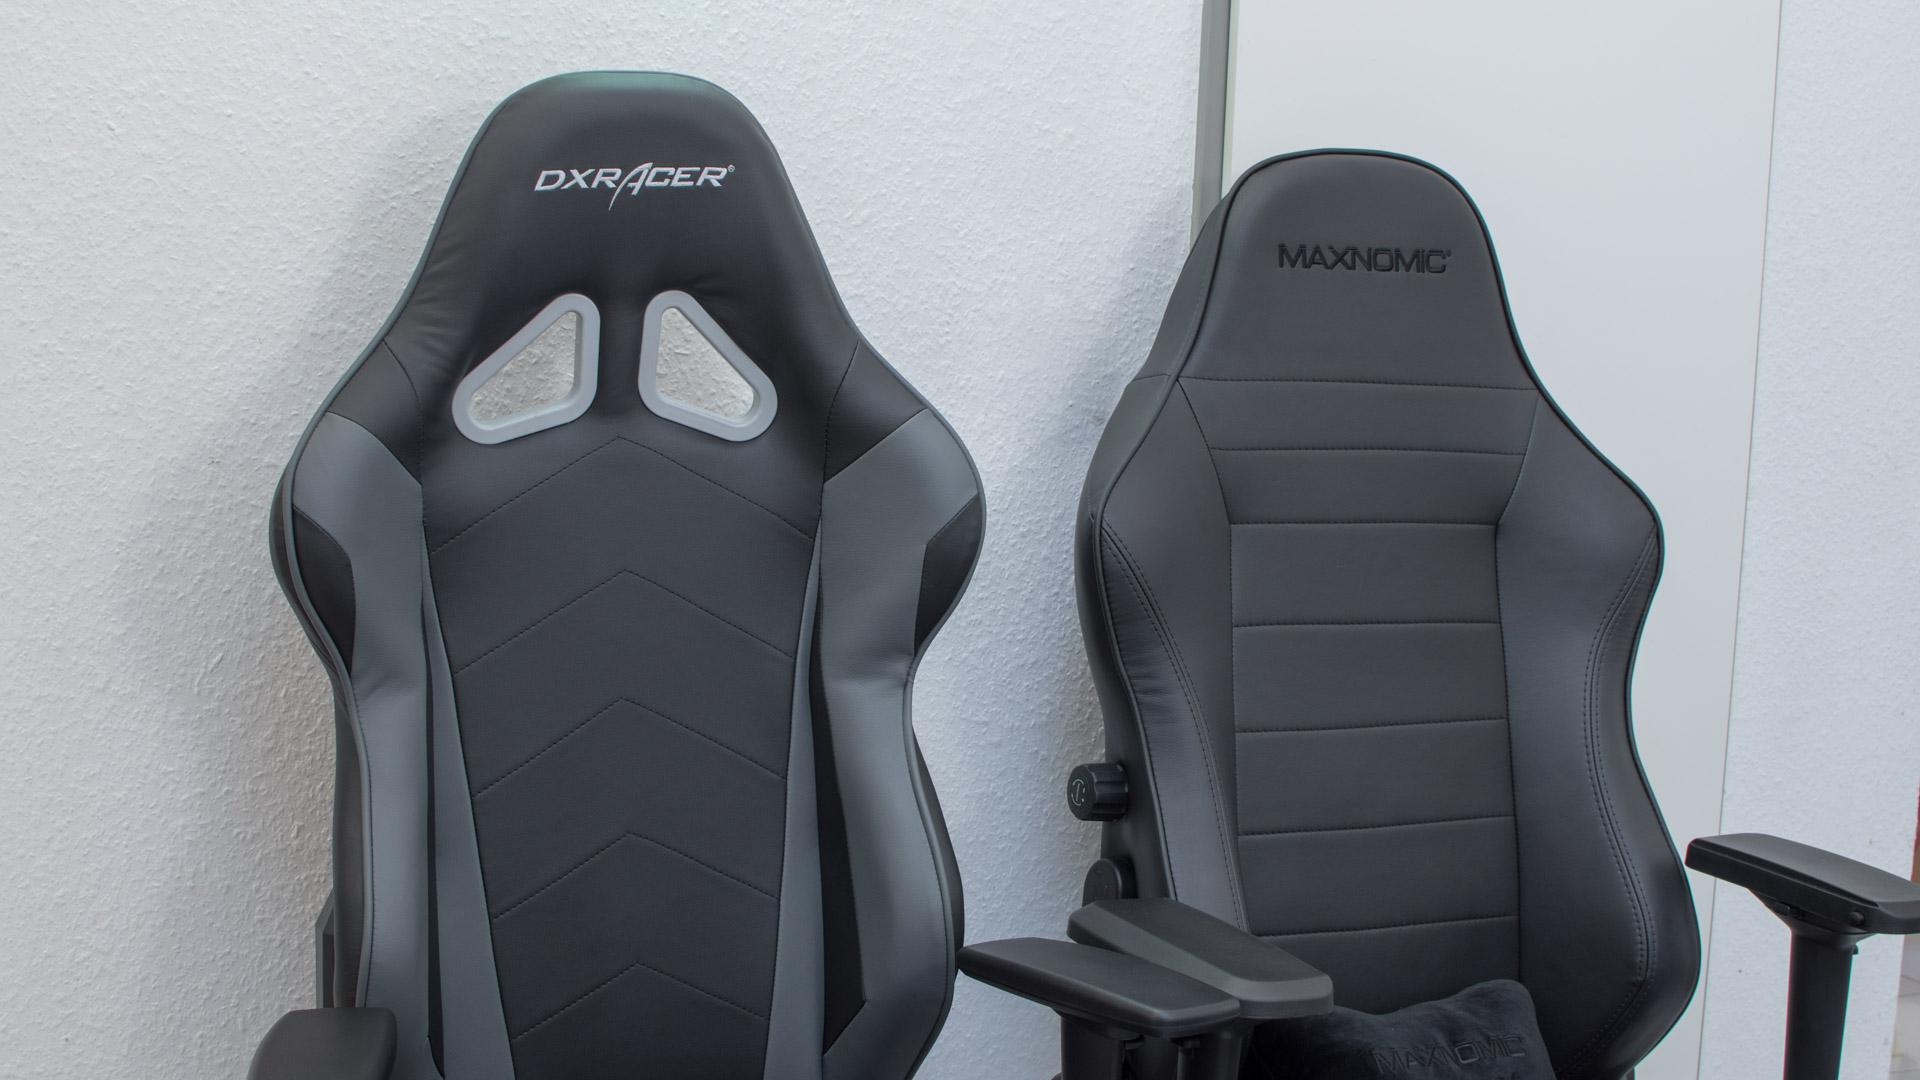 Need For Seat Maxnomic Vs Dxracer Welcher Ist Der Bessere